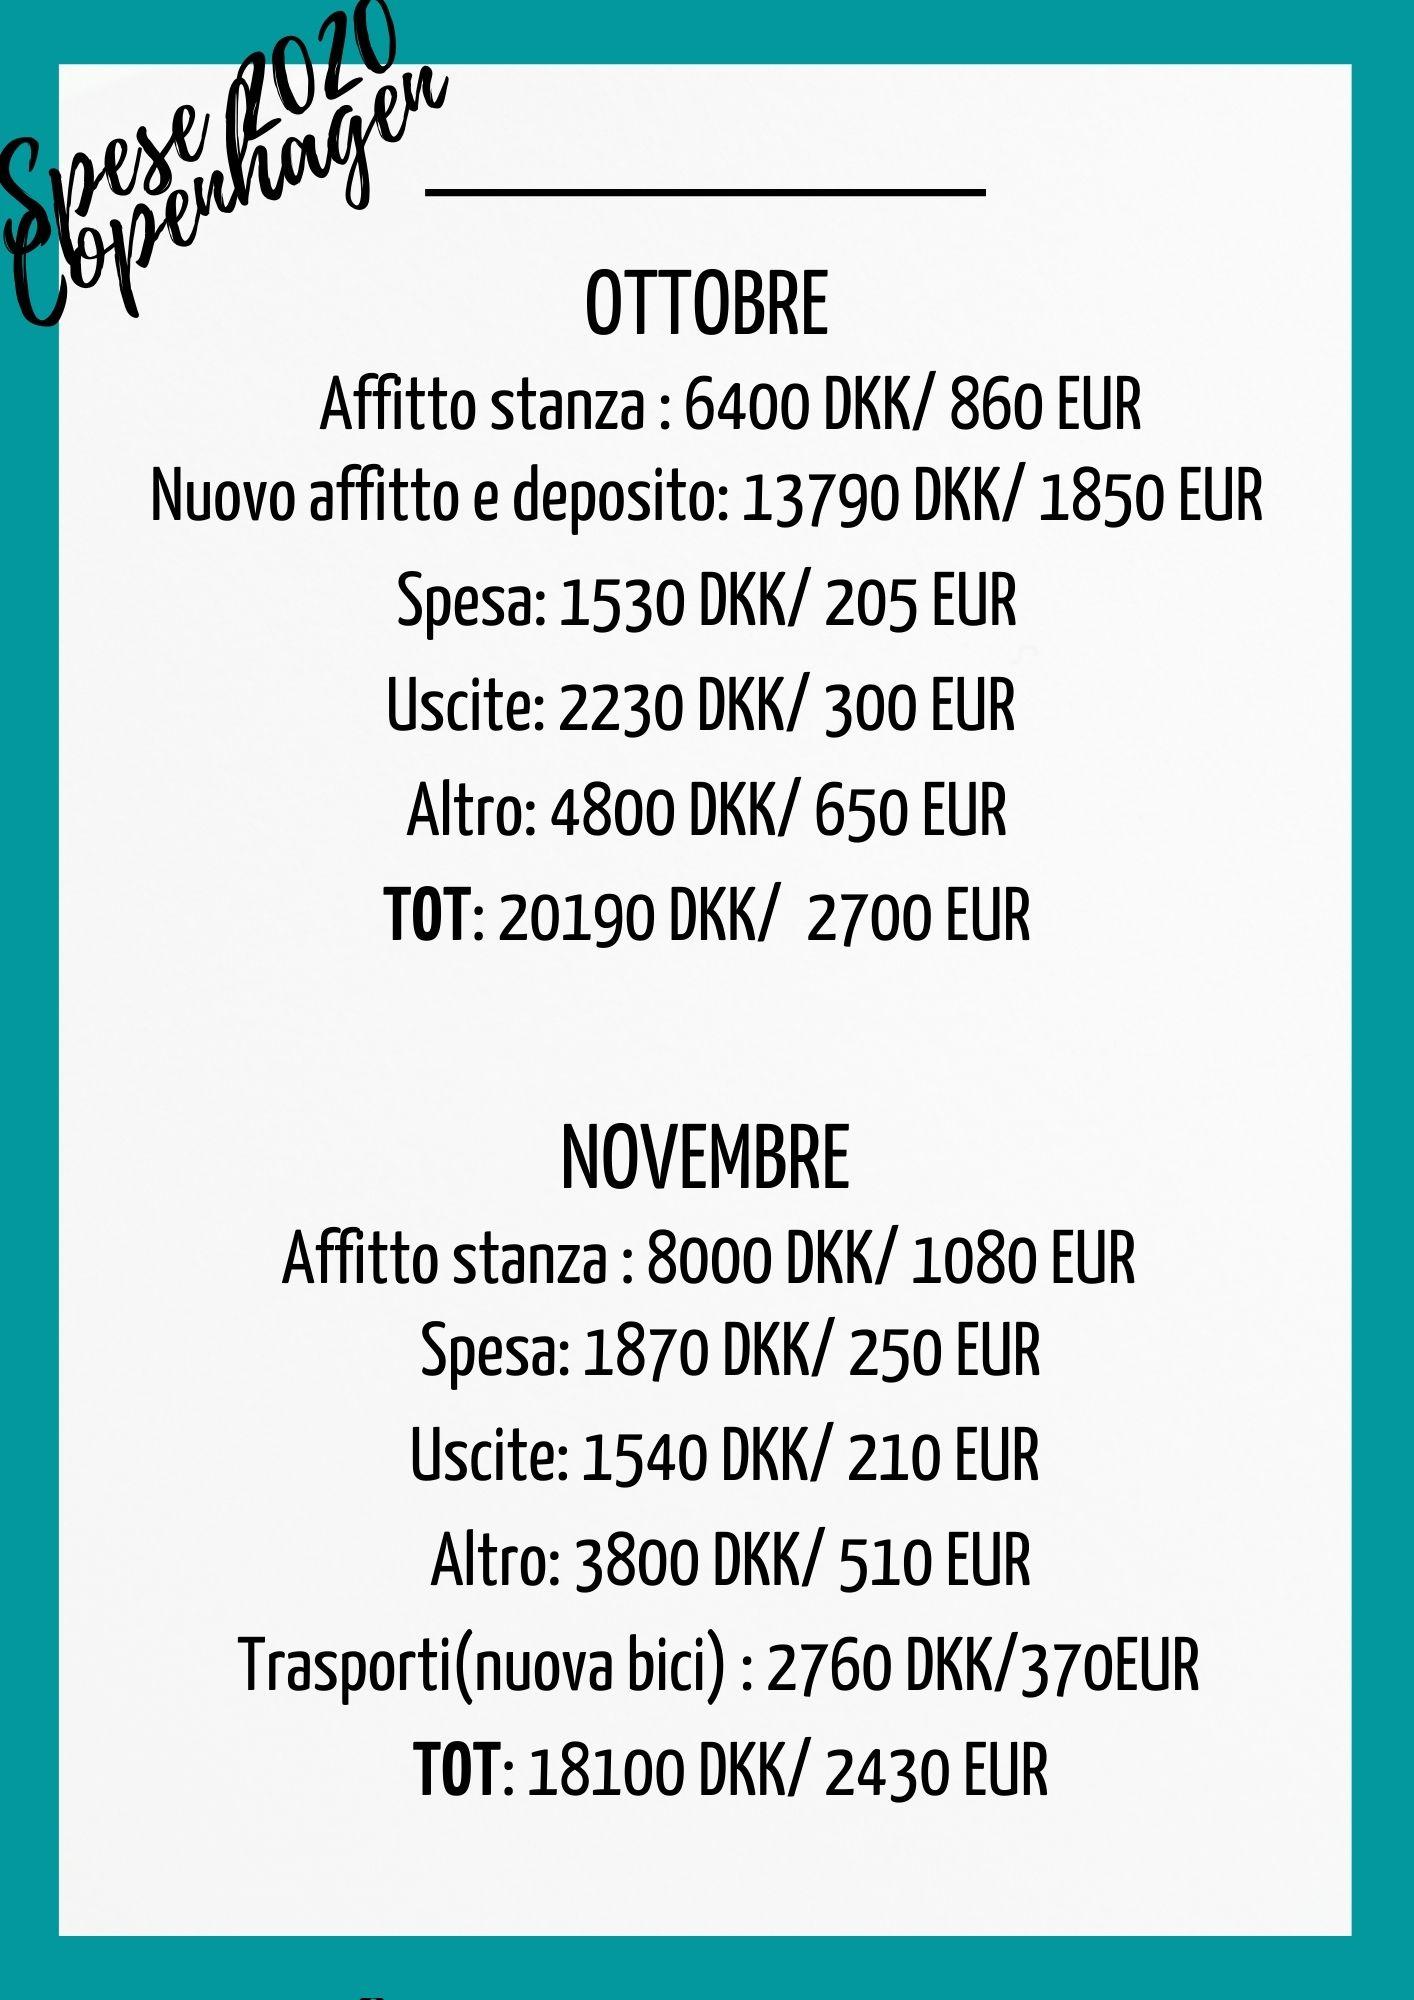 tabella spese di ottobre e novembre